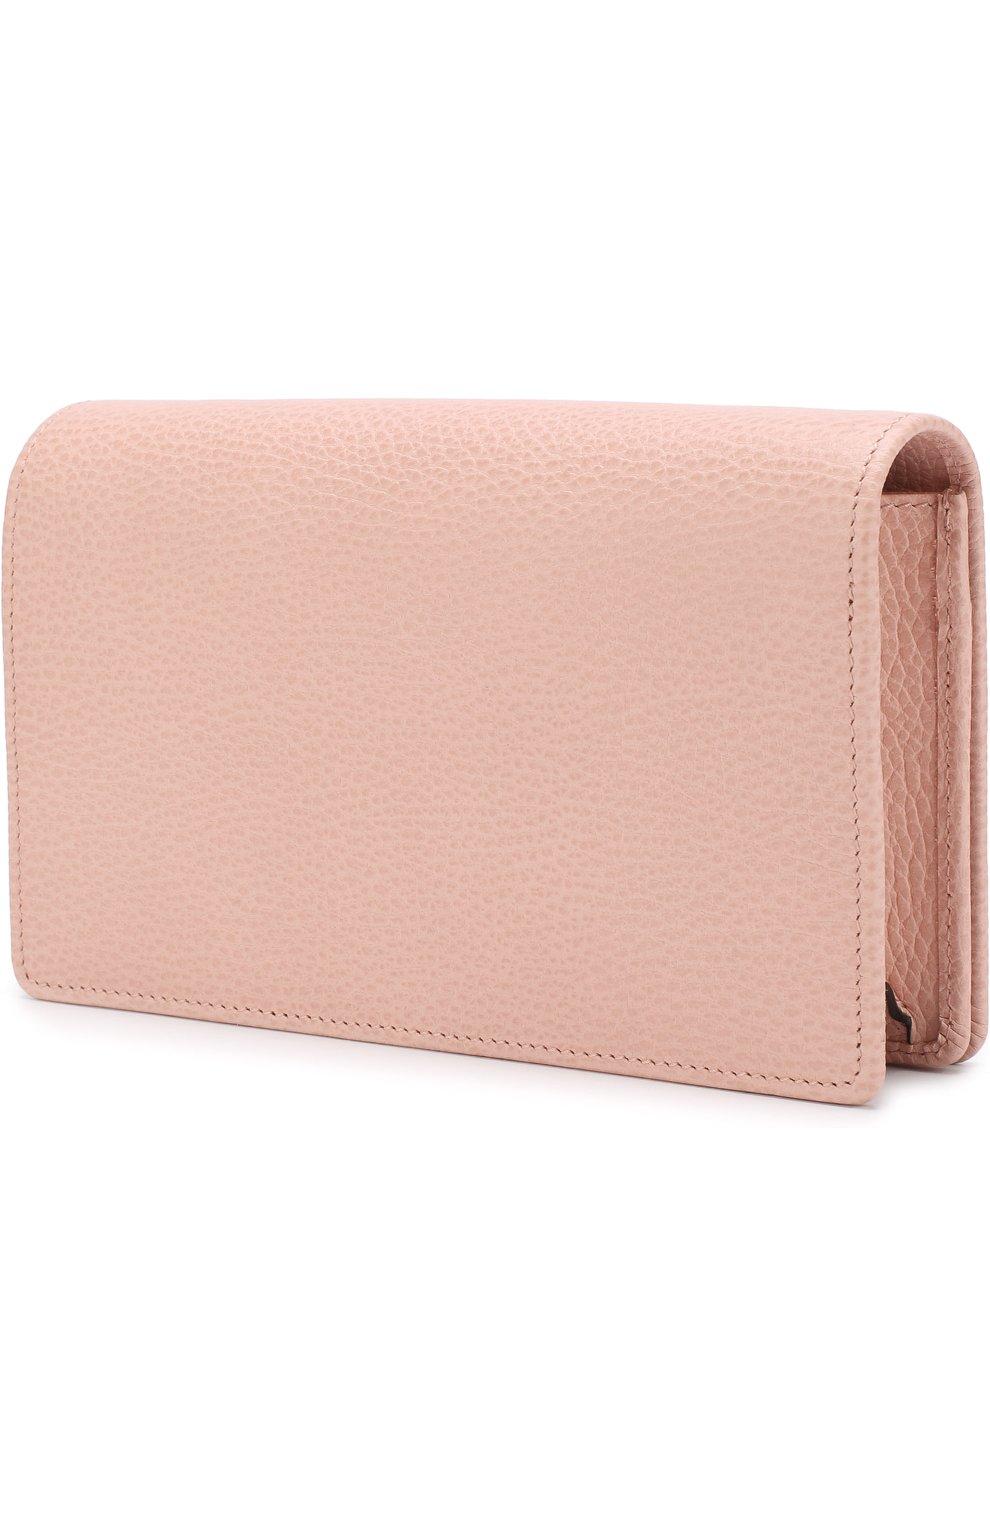 Женская сумка gg marmont mini GUCCI розового цвета, арт. 497985/CA00G | Фото 3